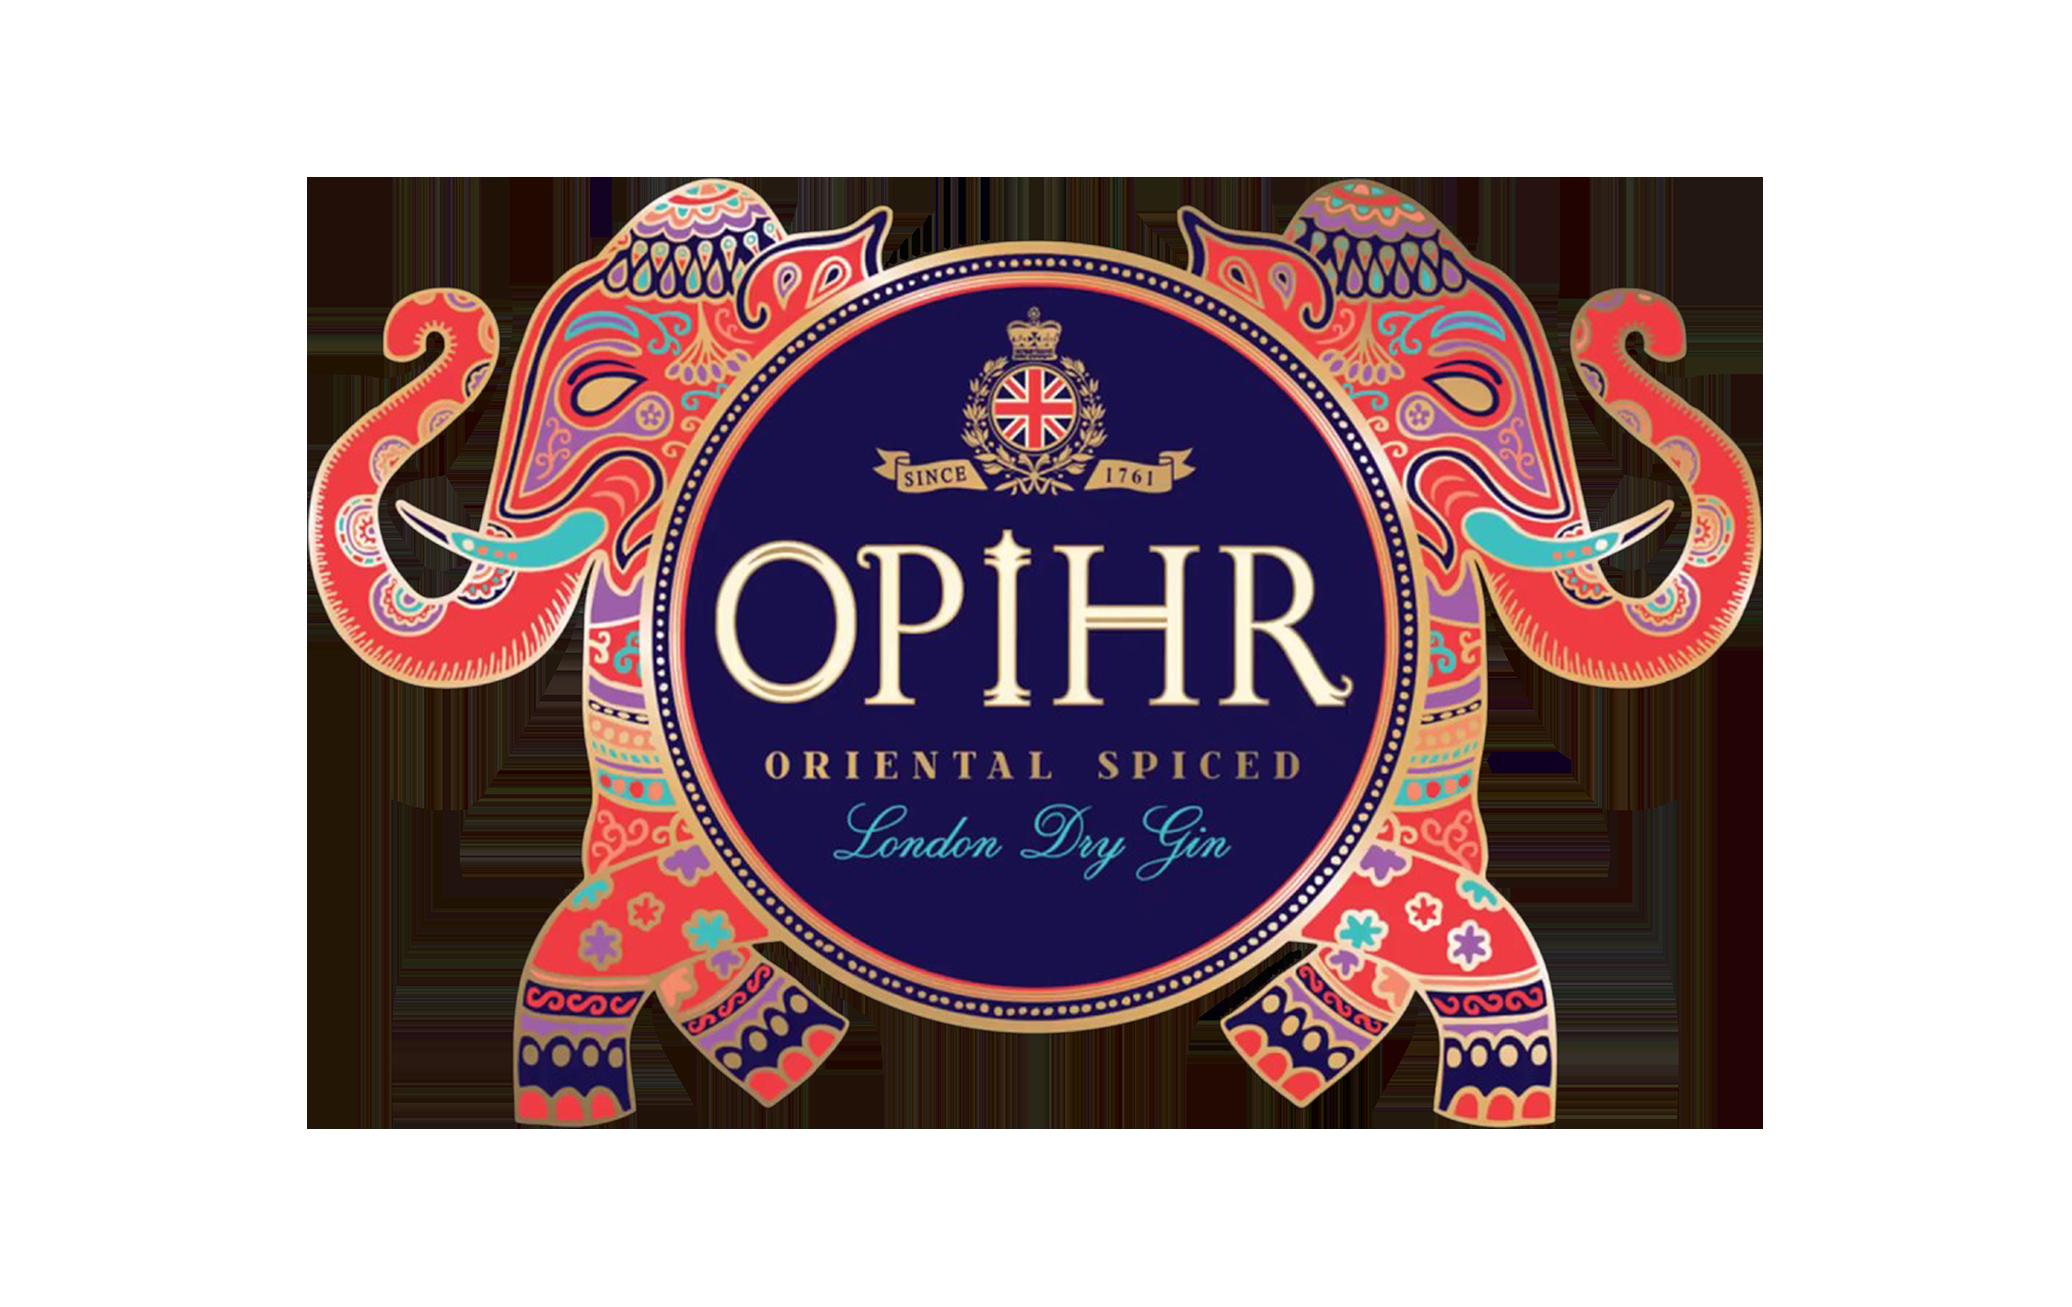 Website Logos_v03 Opihr.png